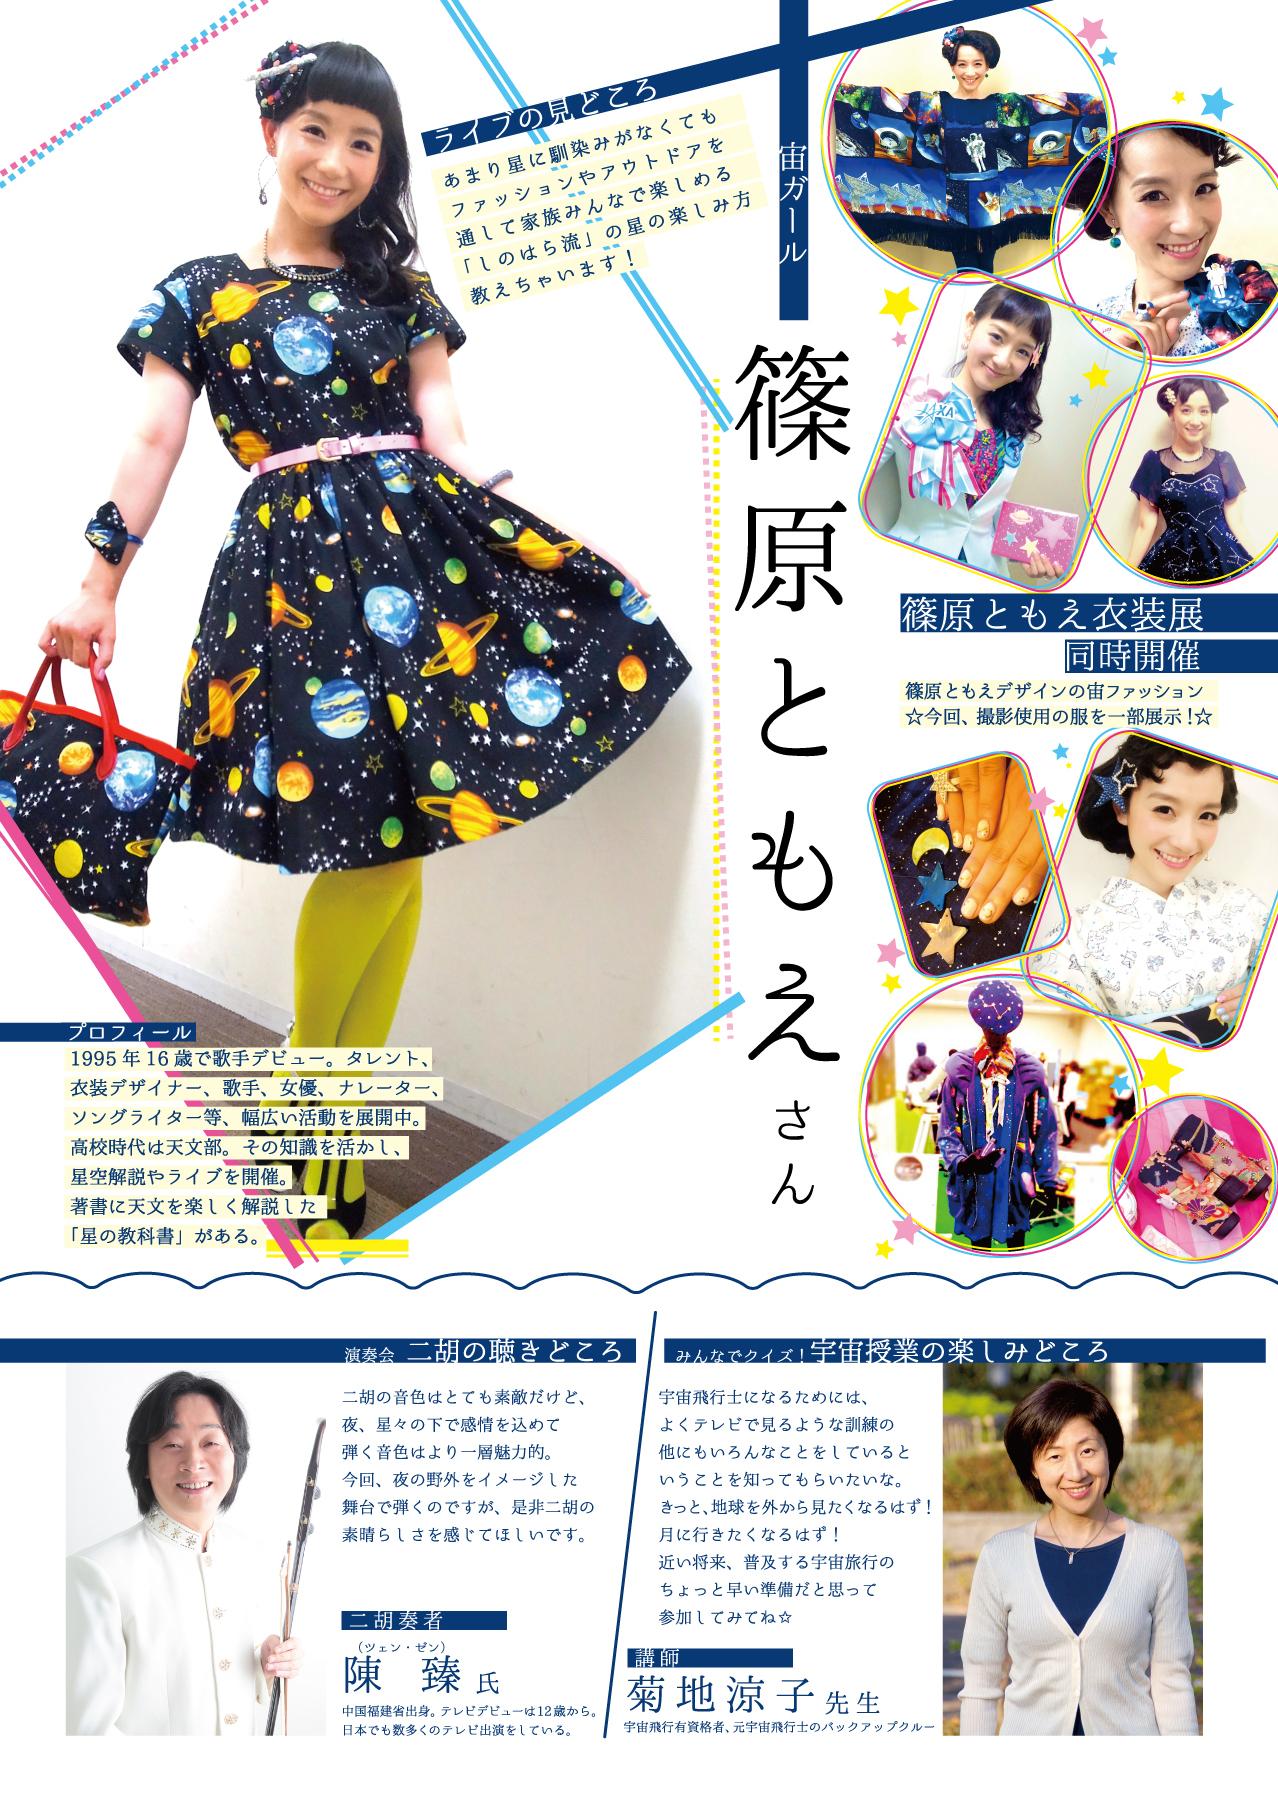 kitamoto_talklive02.jpg